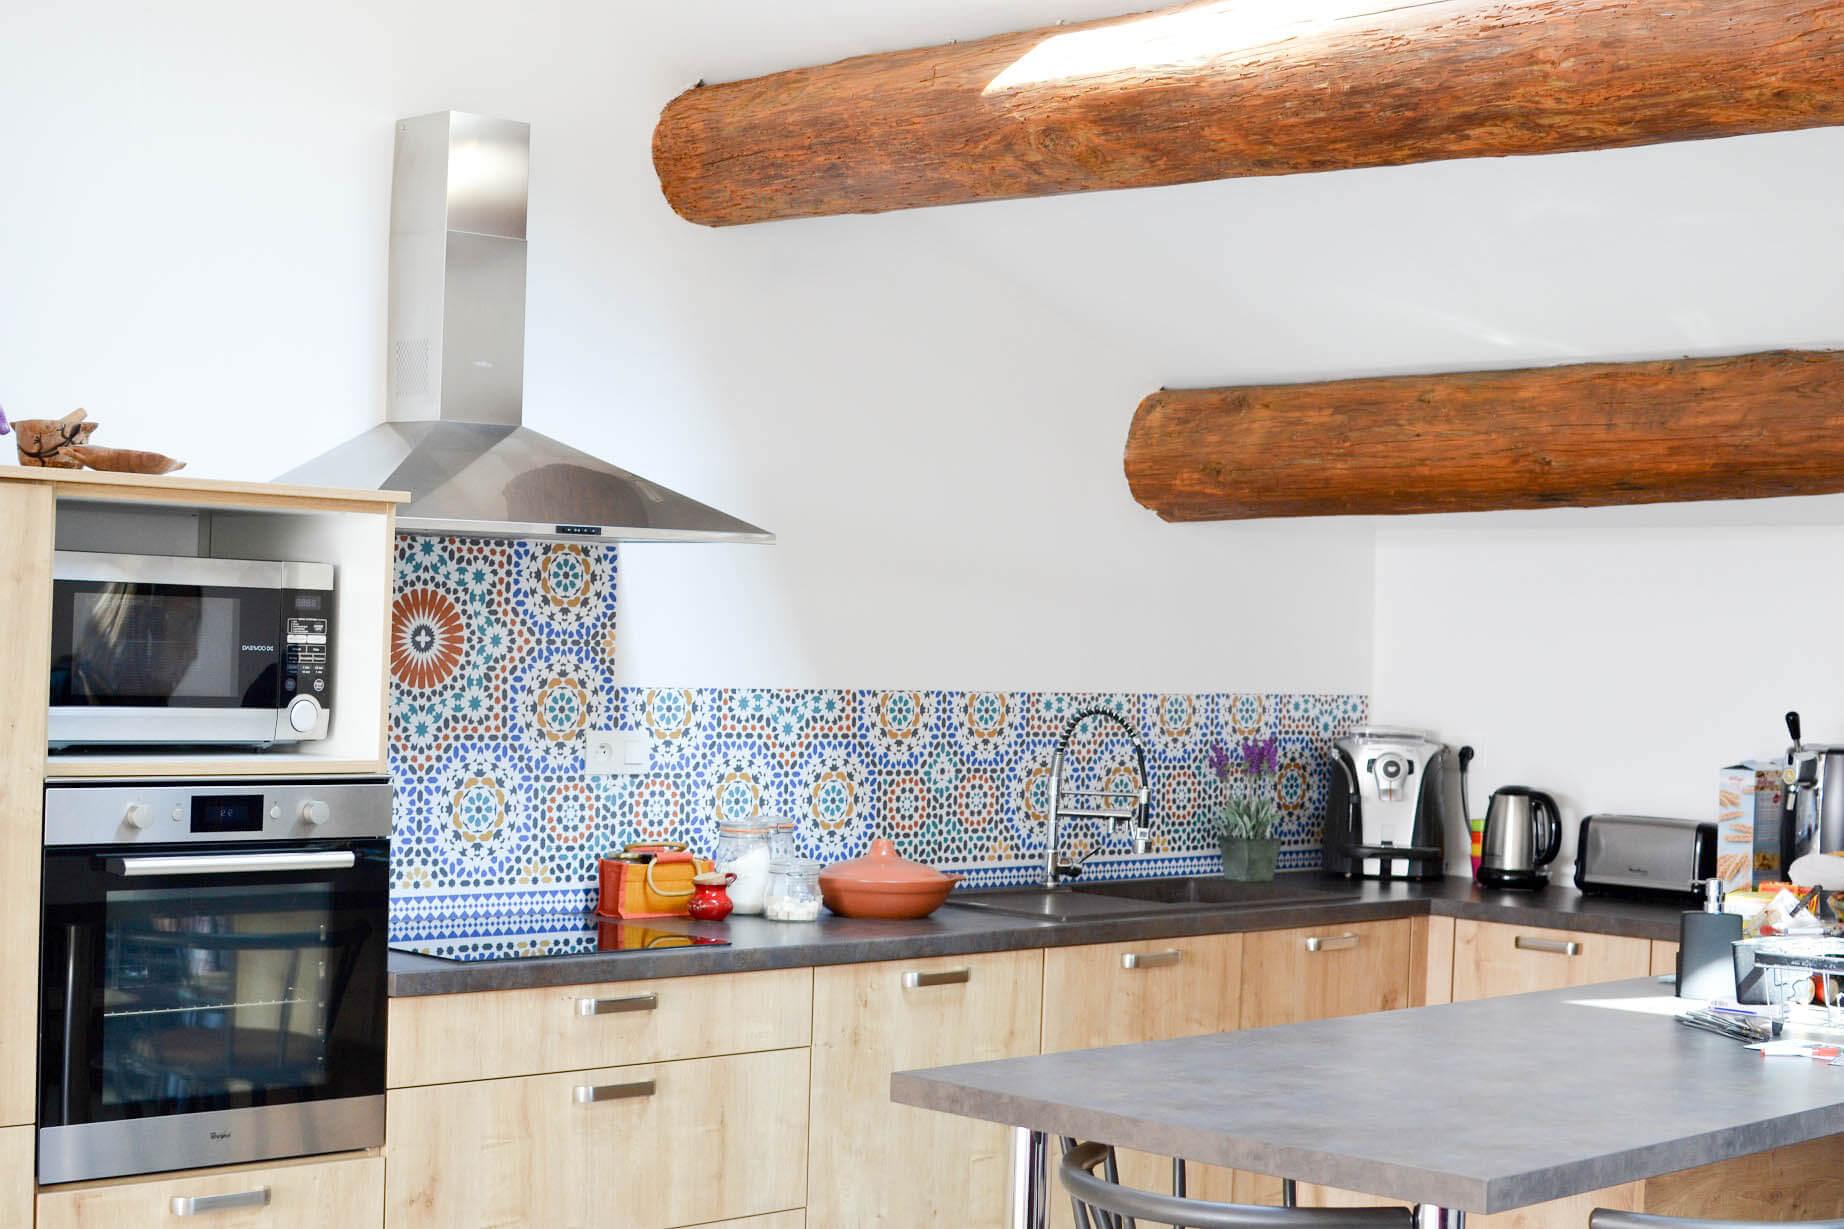 credences decoratives audella style carreaux ciment mosaique amenagement cuisine frenchyfancy 4. Black Bedroom Furniture Sets. Home Design Ideas